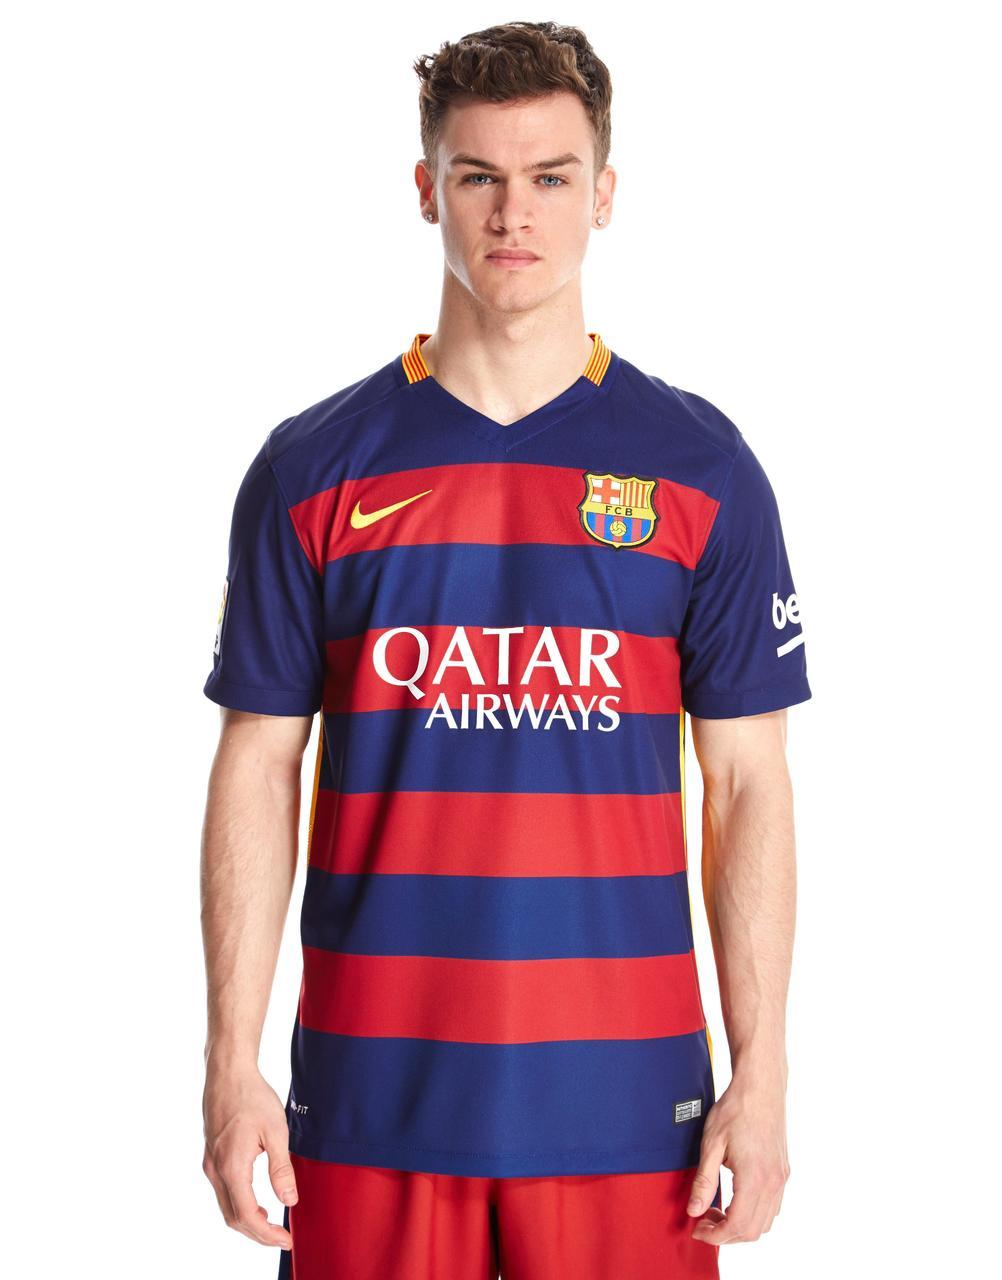 9f970f02 Así son las camisetas de la temporada 2015/2016: poniendo al límite ...